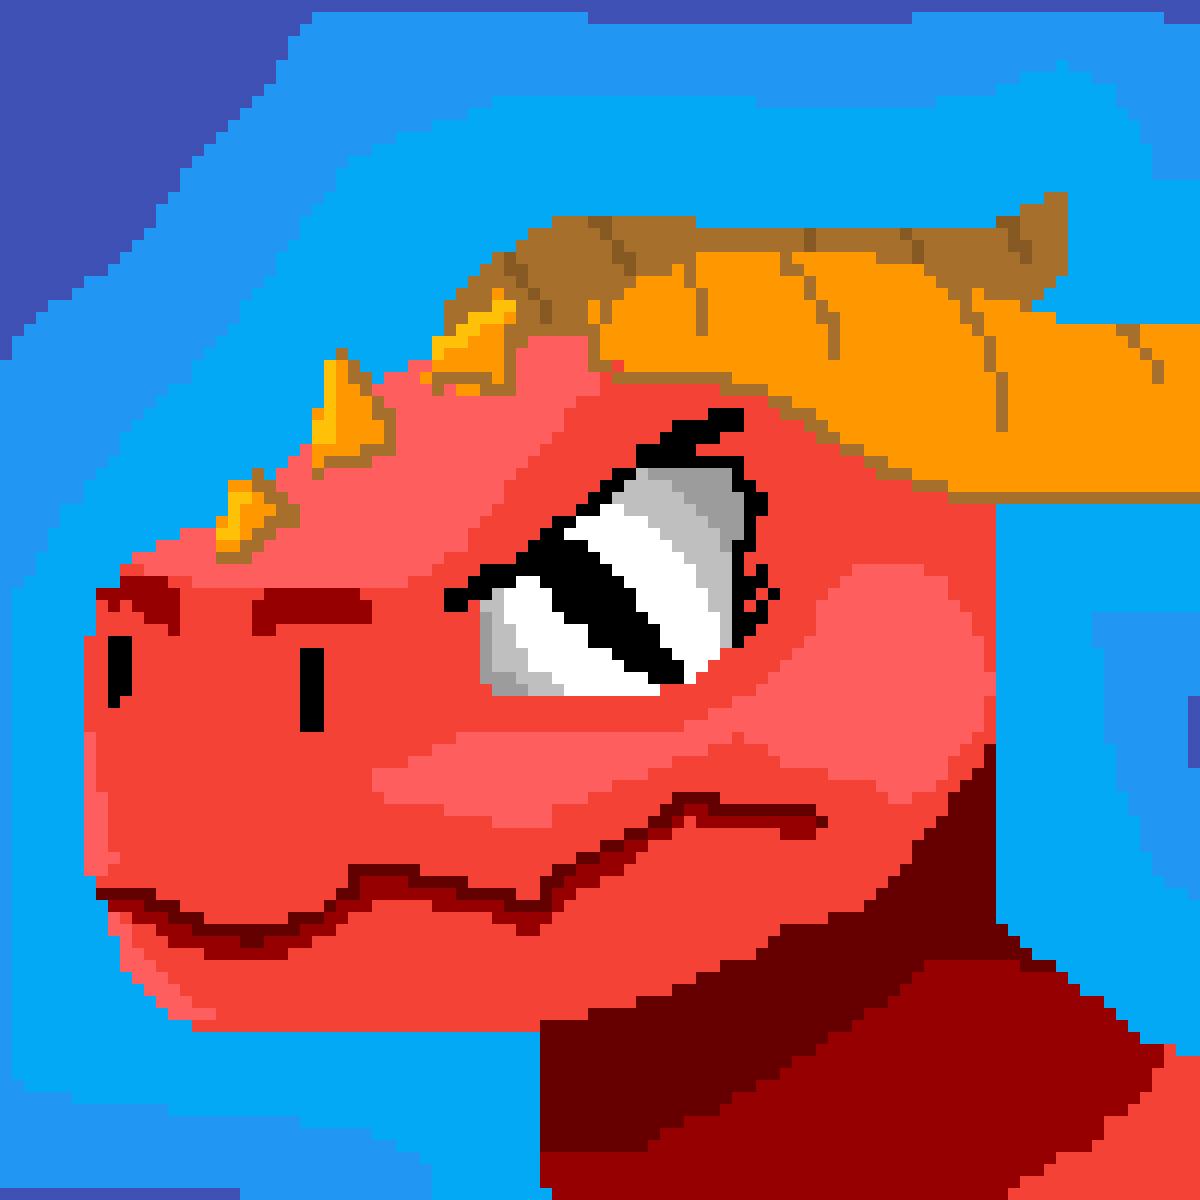 dragon by drago3421